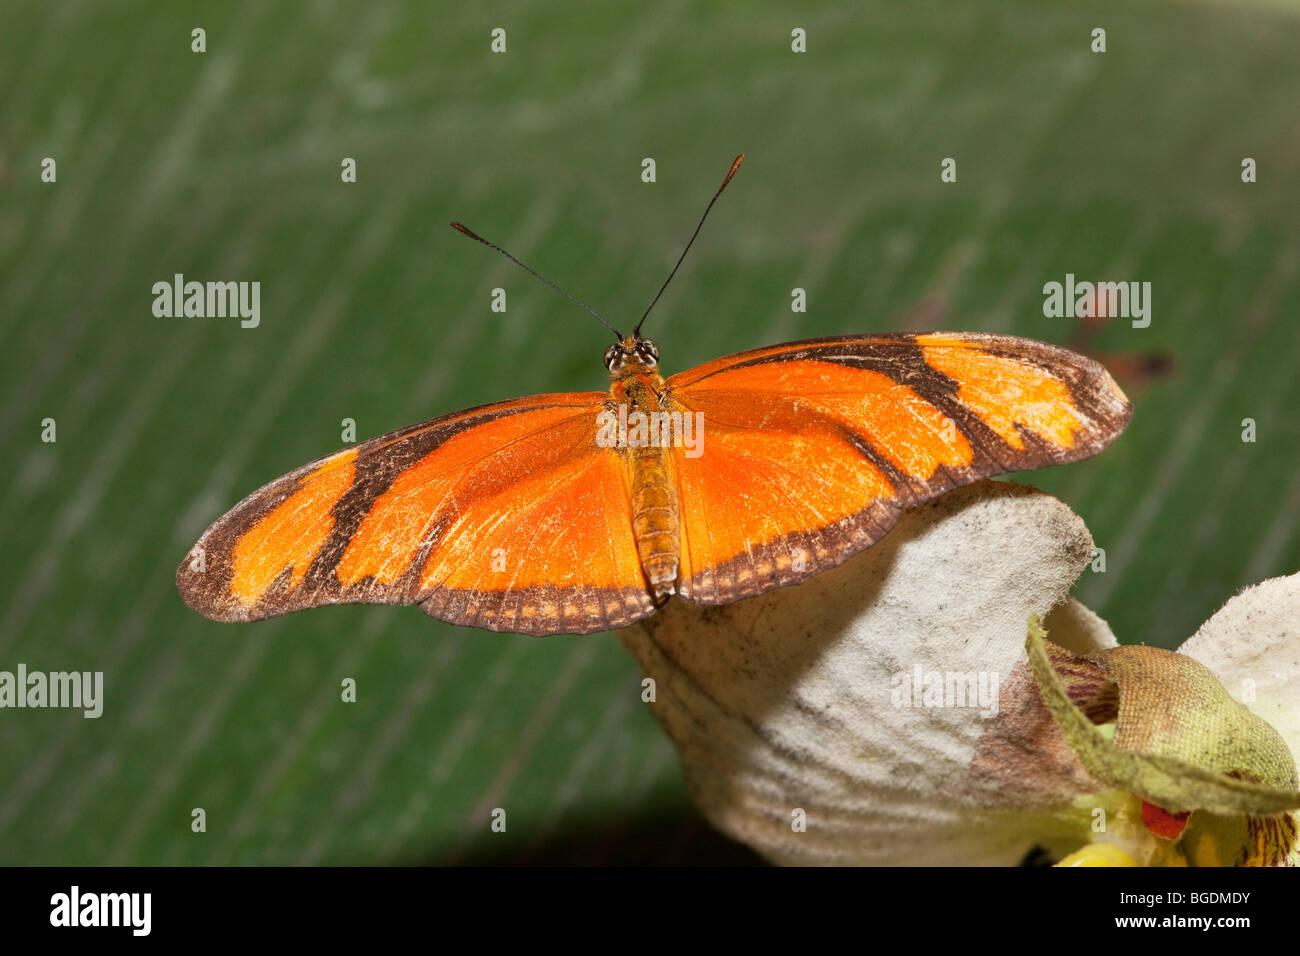 Dryas iulia butterfly, Parc de la tête d'or (Golden Head Park), Lyon, France - Stock Image